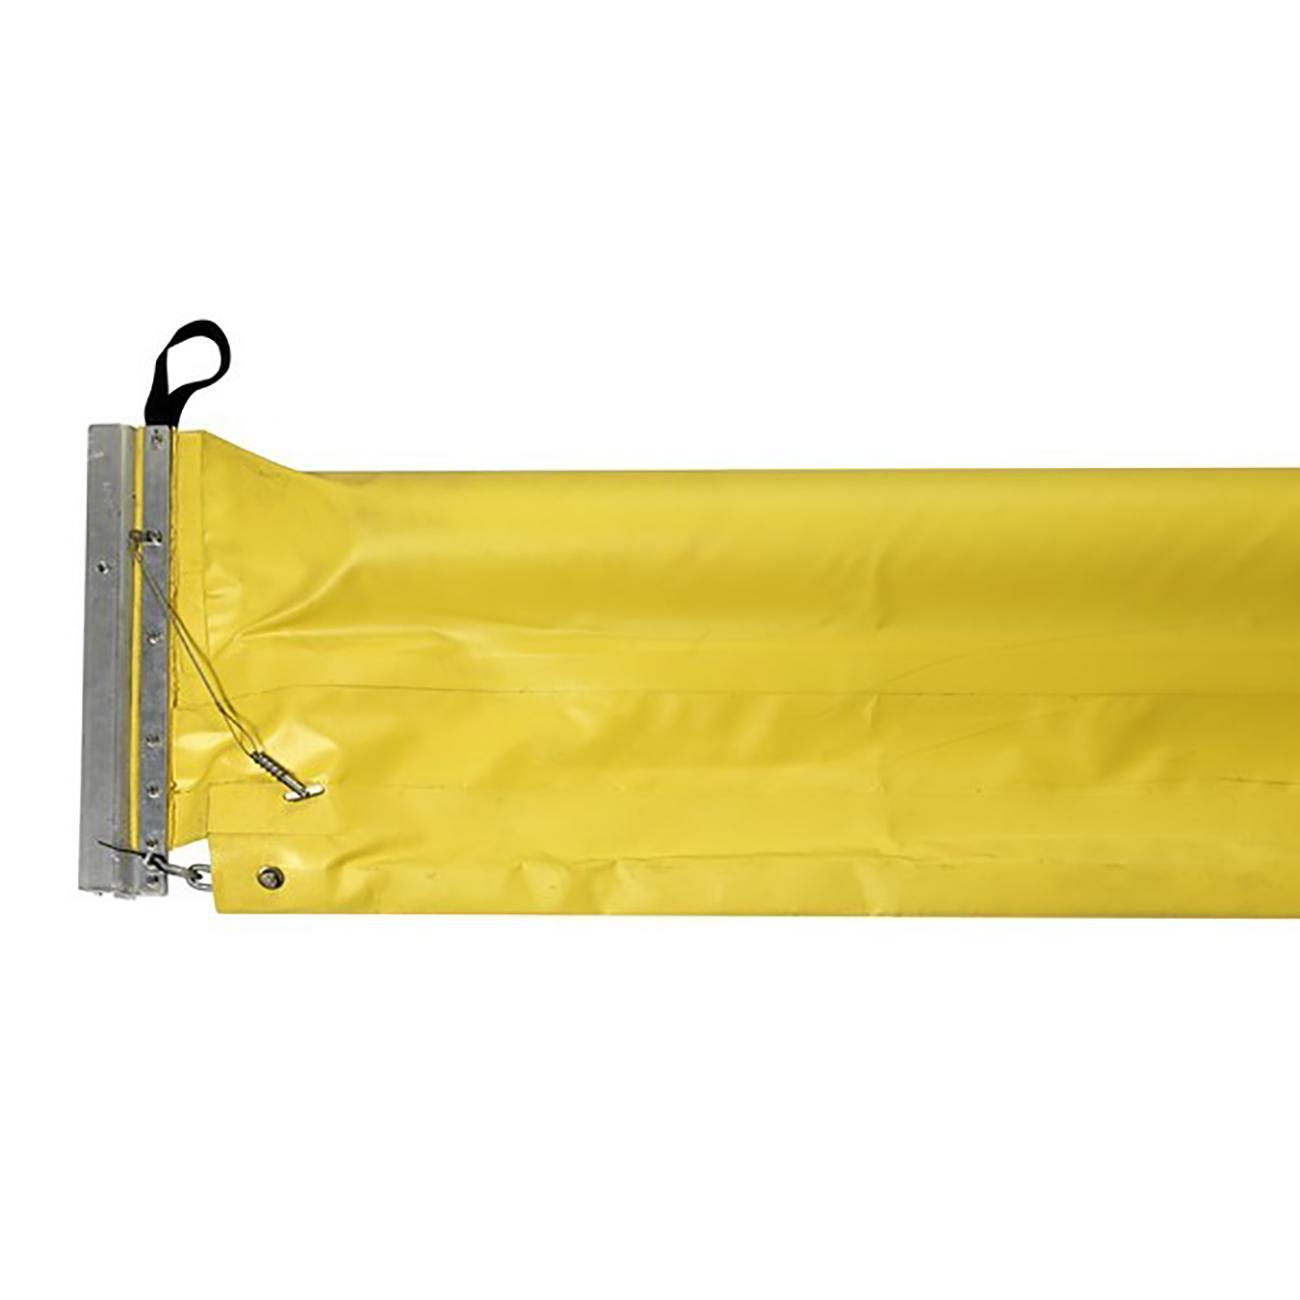 Фото Юниор-бон SPCJR-1210 для удержания нефтеразливов, 45 см х 30 м {spc813805}